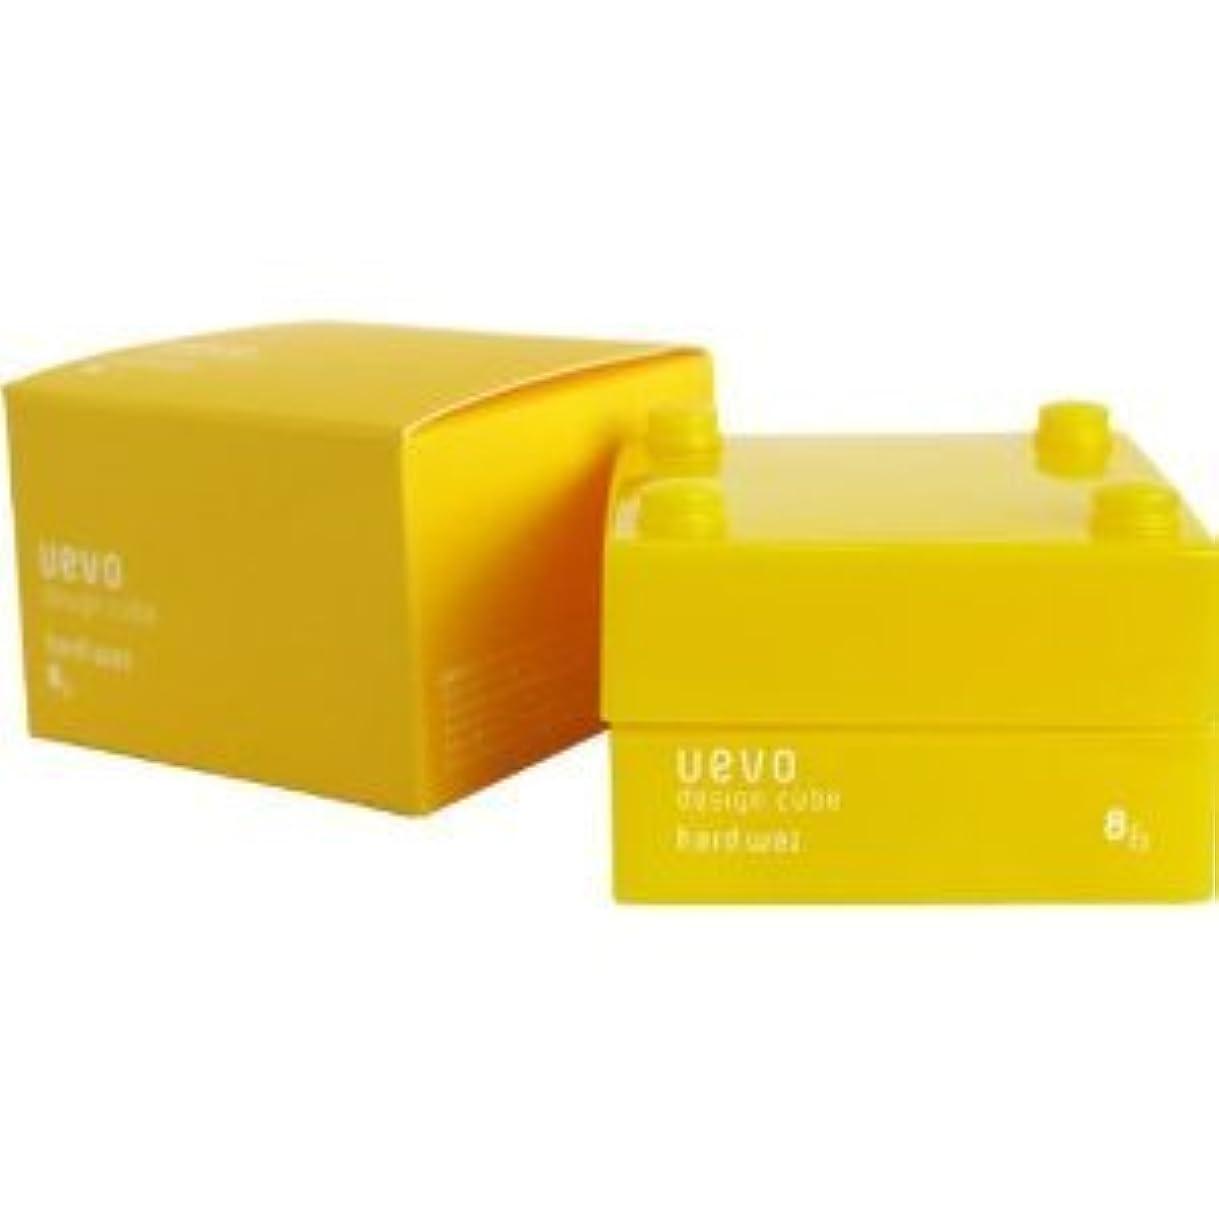 半径フォーム半径【X2個セット】 デミ ウェーボ デザインキューブ ハードワックス 30g hard wax DEMI uevo design cube